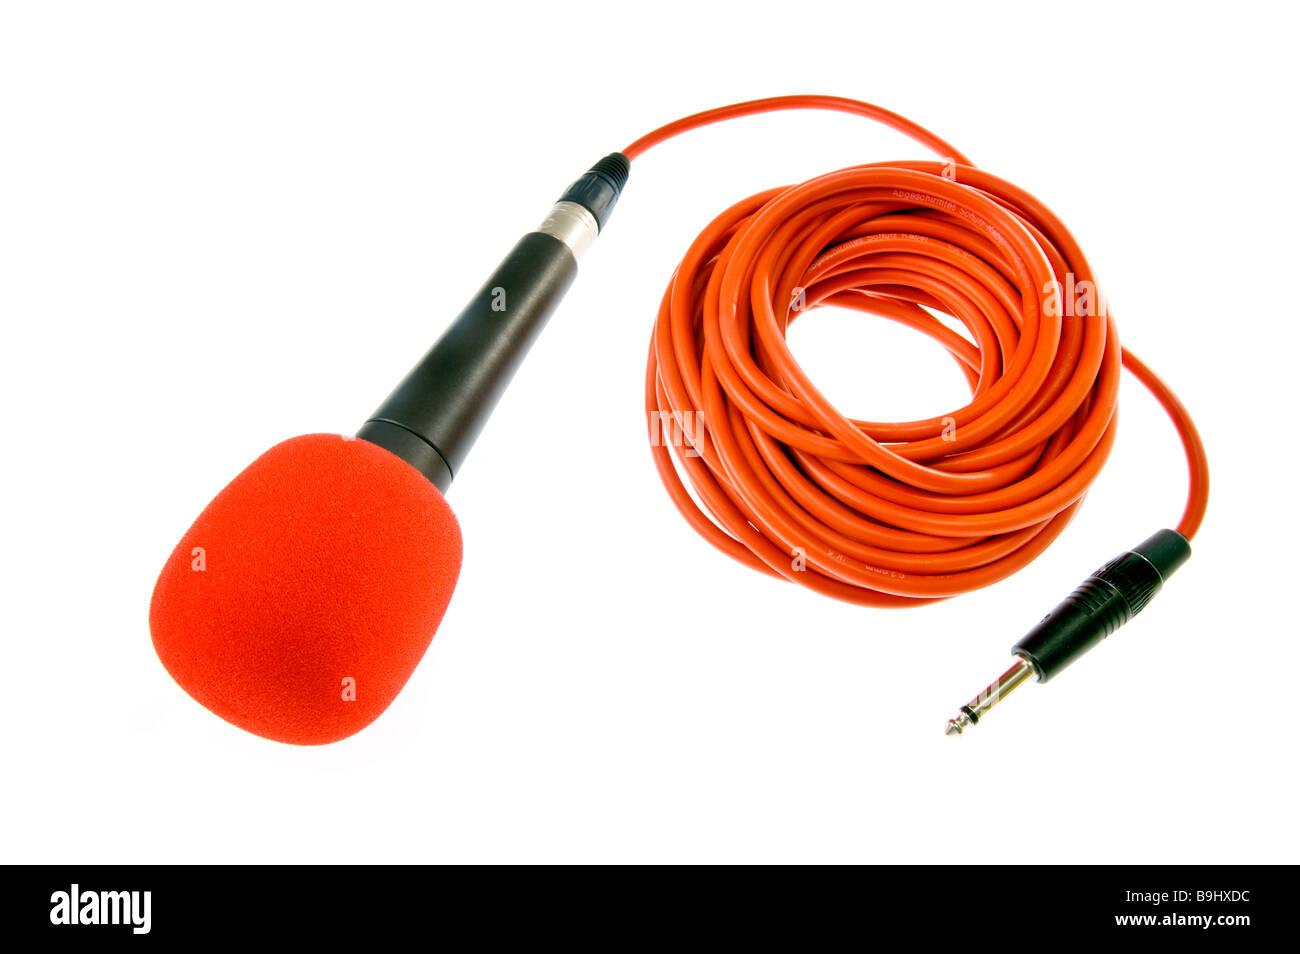 Mikrofon micro Mike mic Mikrophone mit roten Draht Kabel Streifen ...